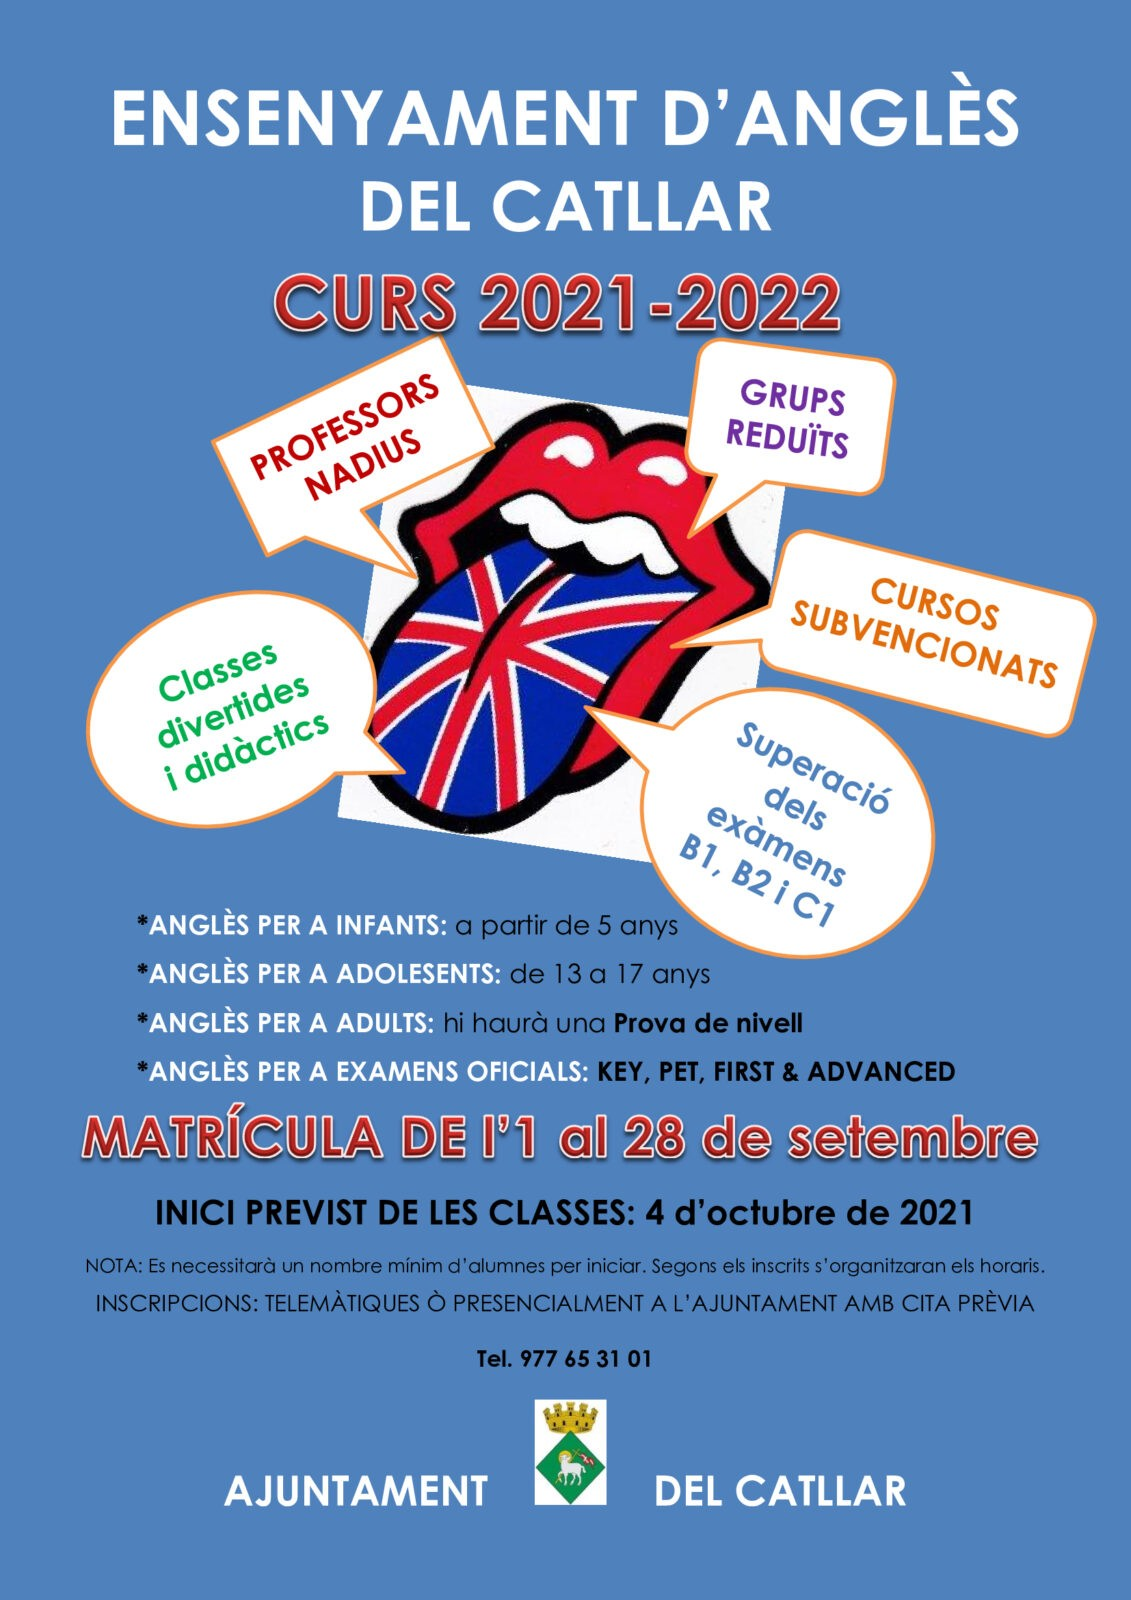 MATRÍCULA CURSOS DE INGLÉS 2021-2022 EL CATLLAR